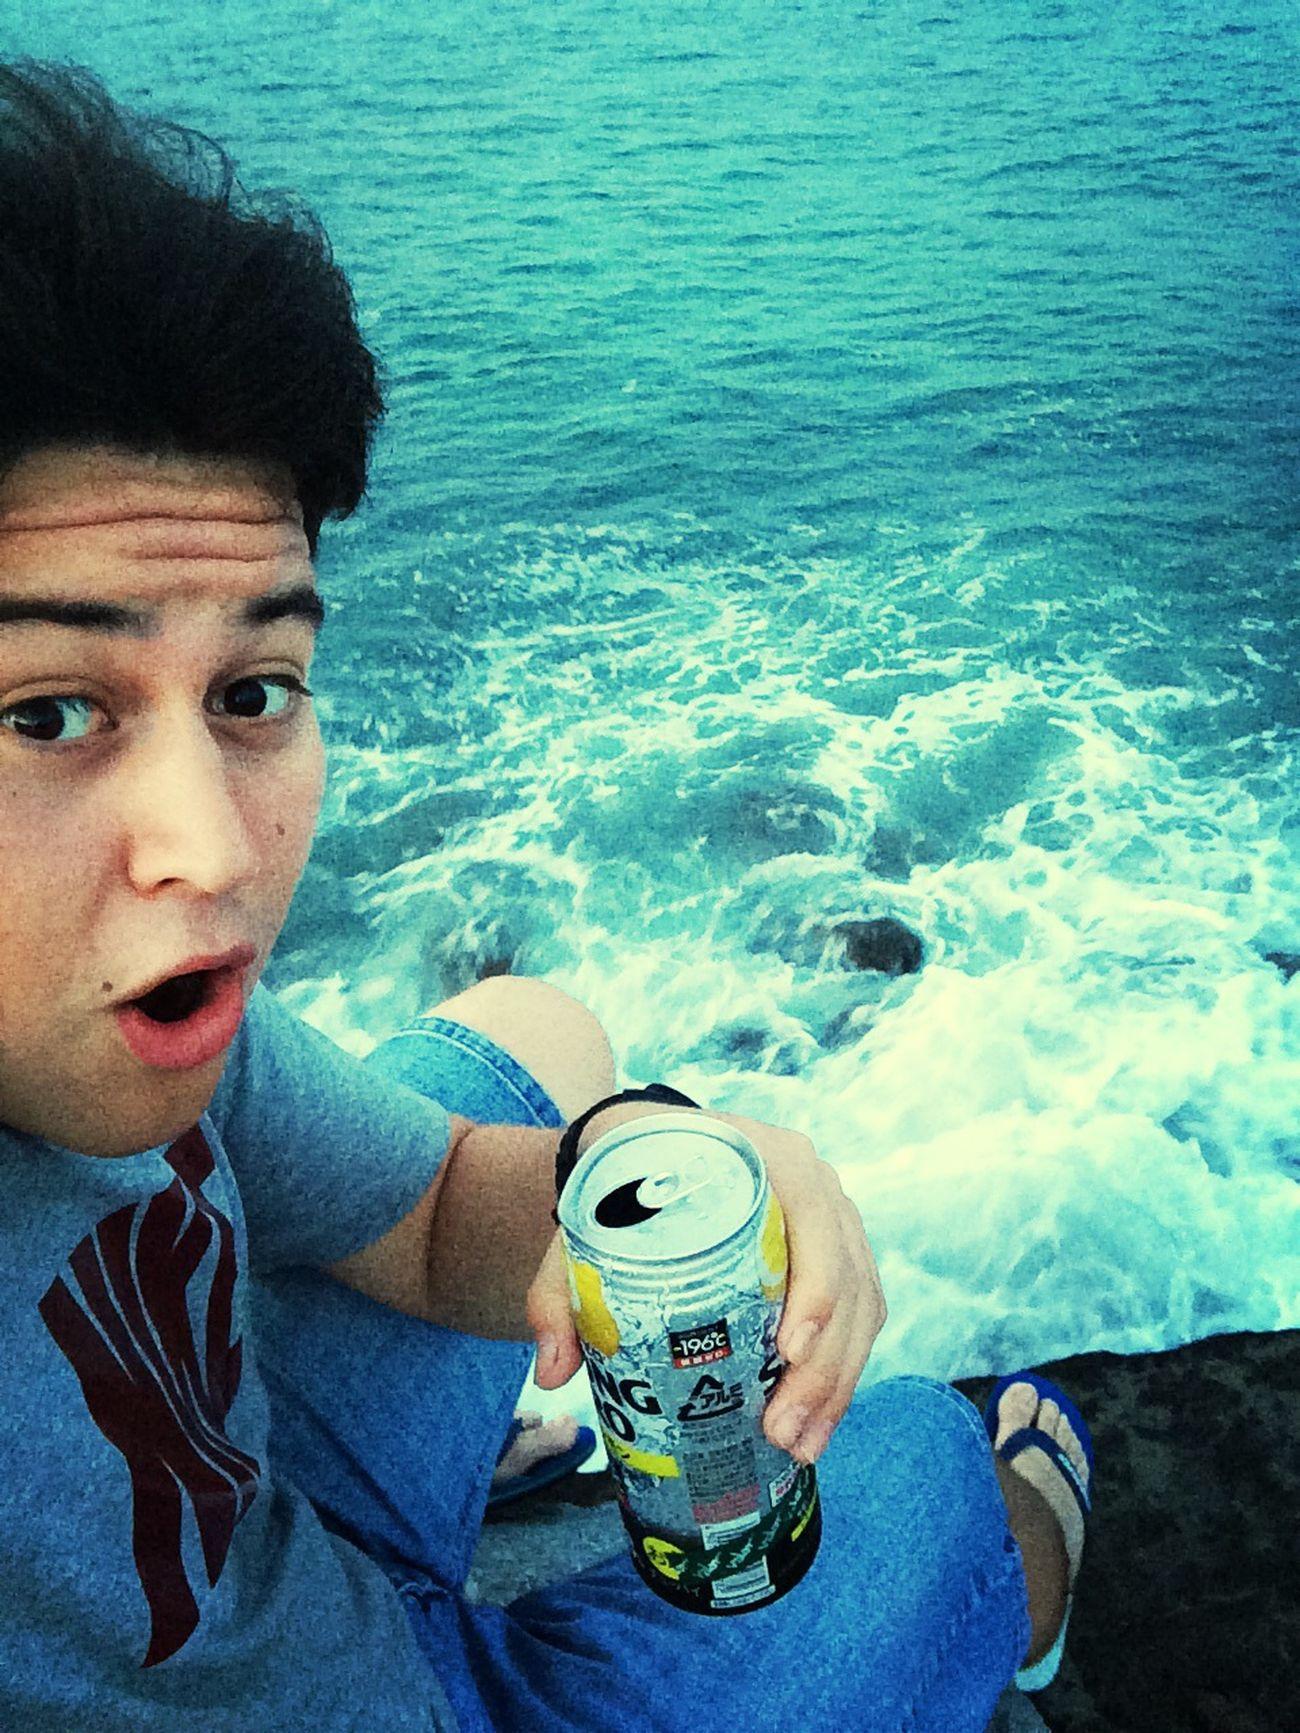 Hello World Enjoying Life Relaxing That's Me Disfrutando de la fuerza del mar ?